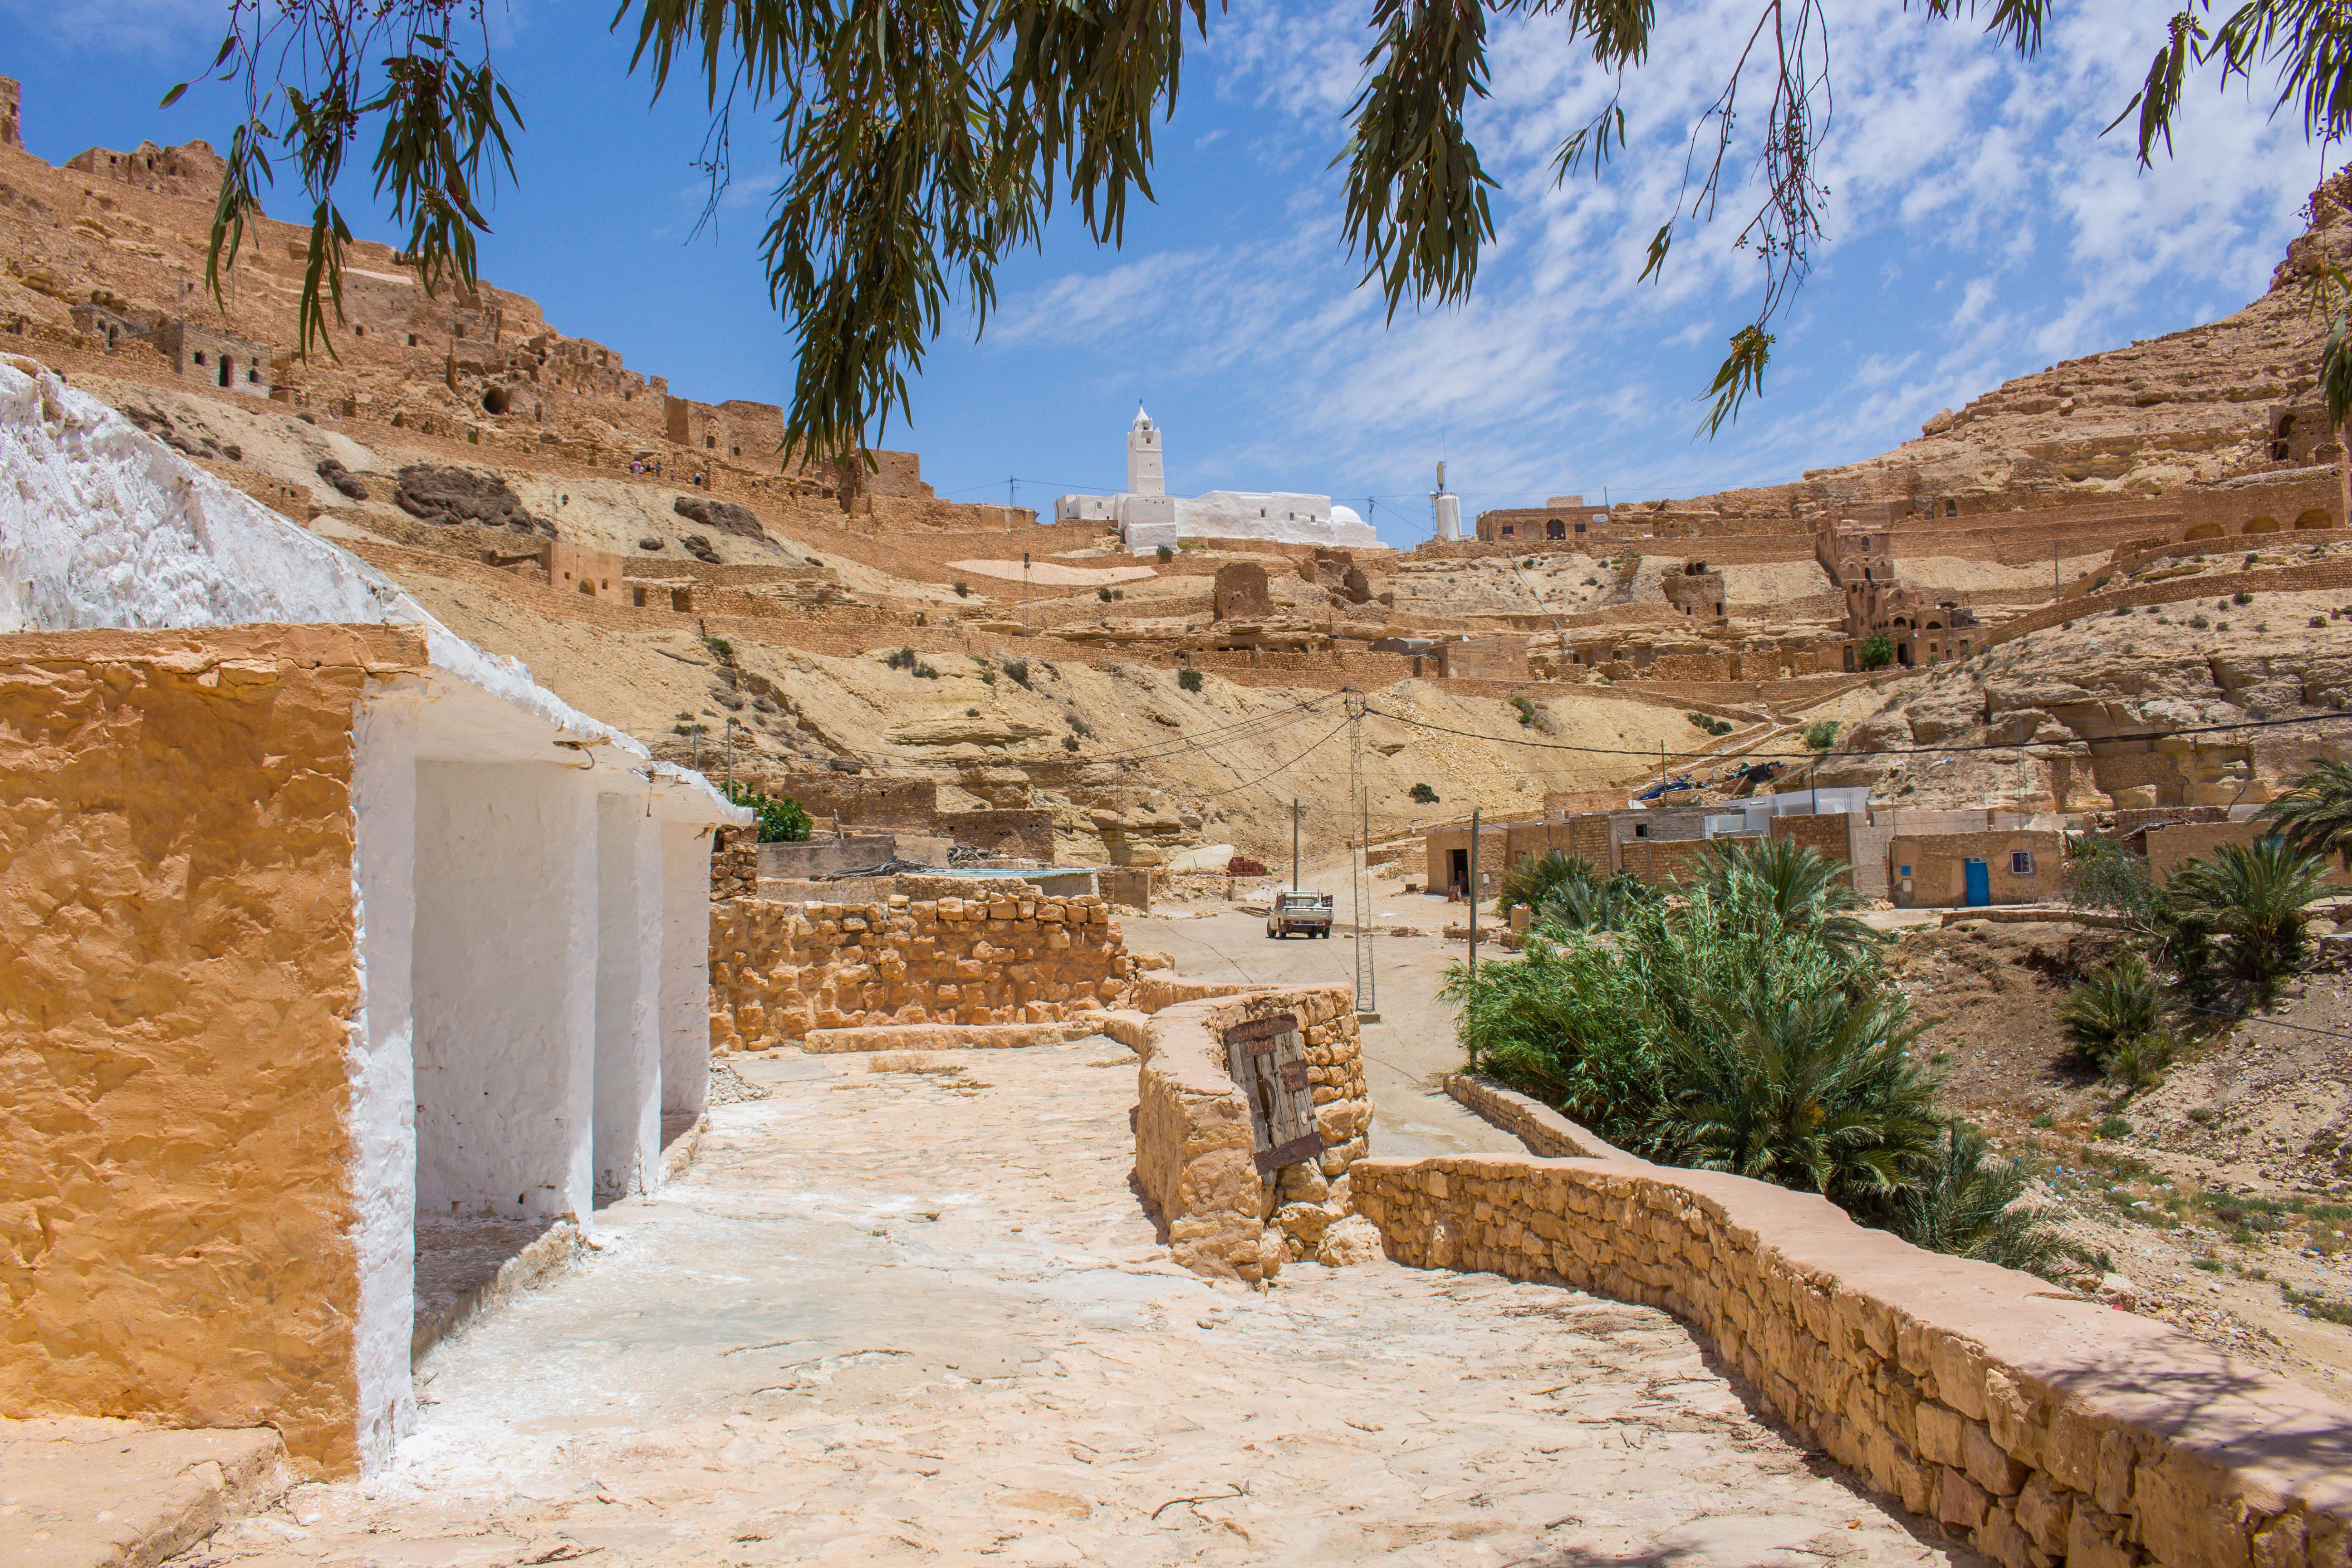 Admire Scenic Views of the Tunisian Landscape